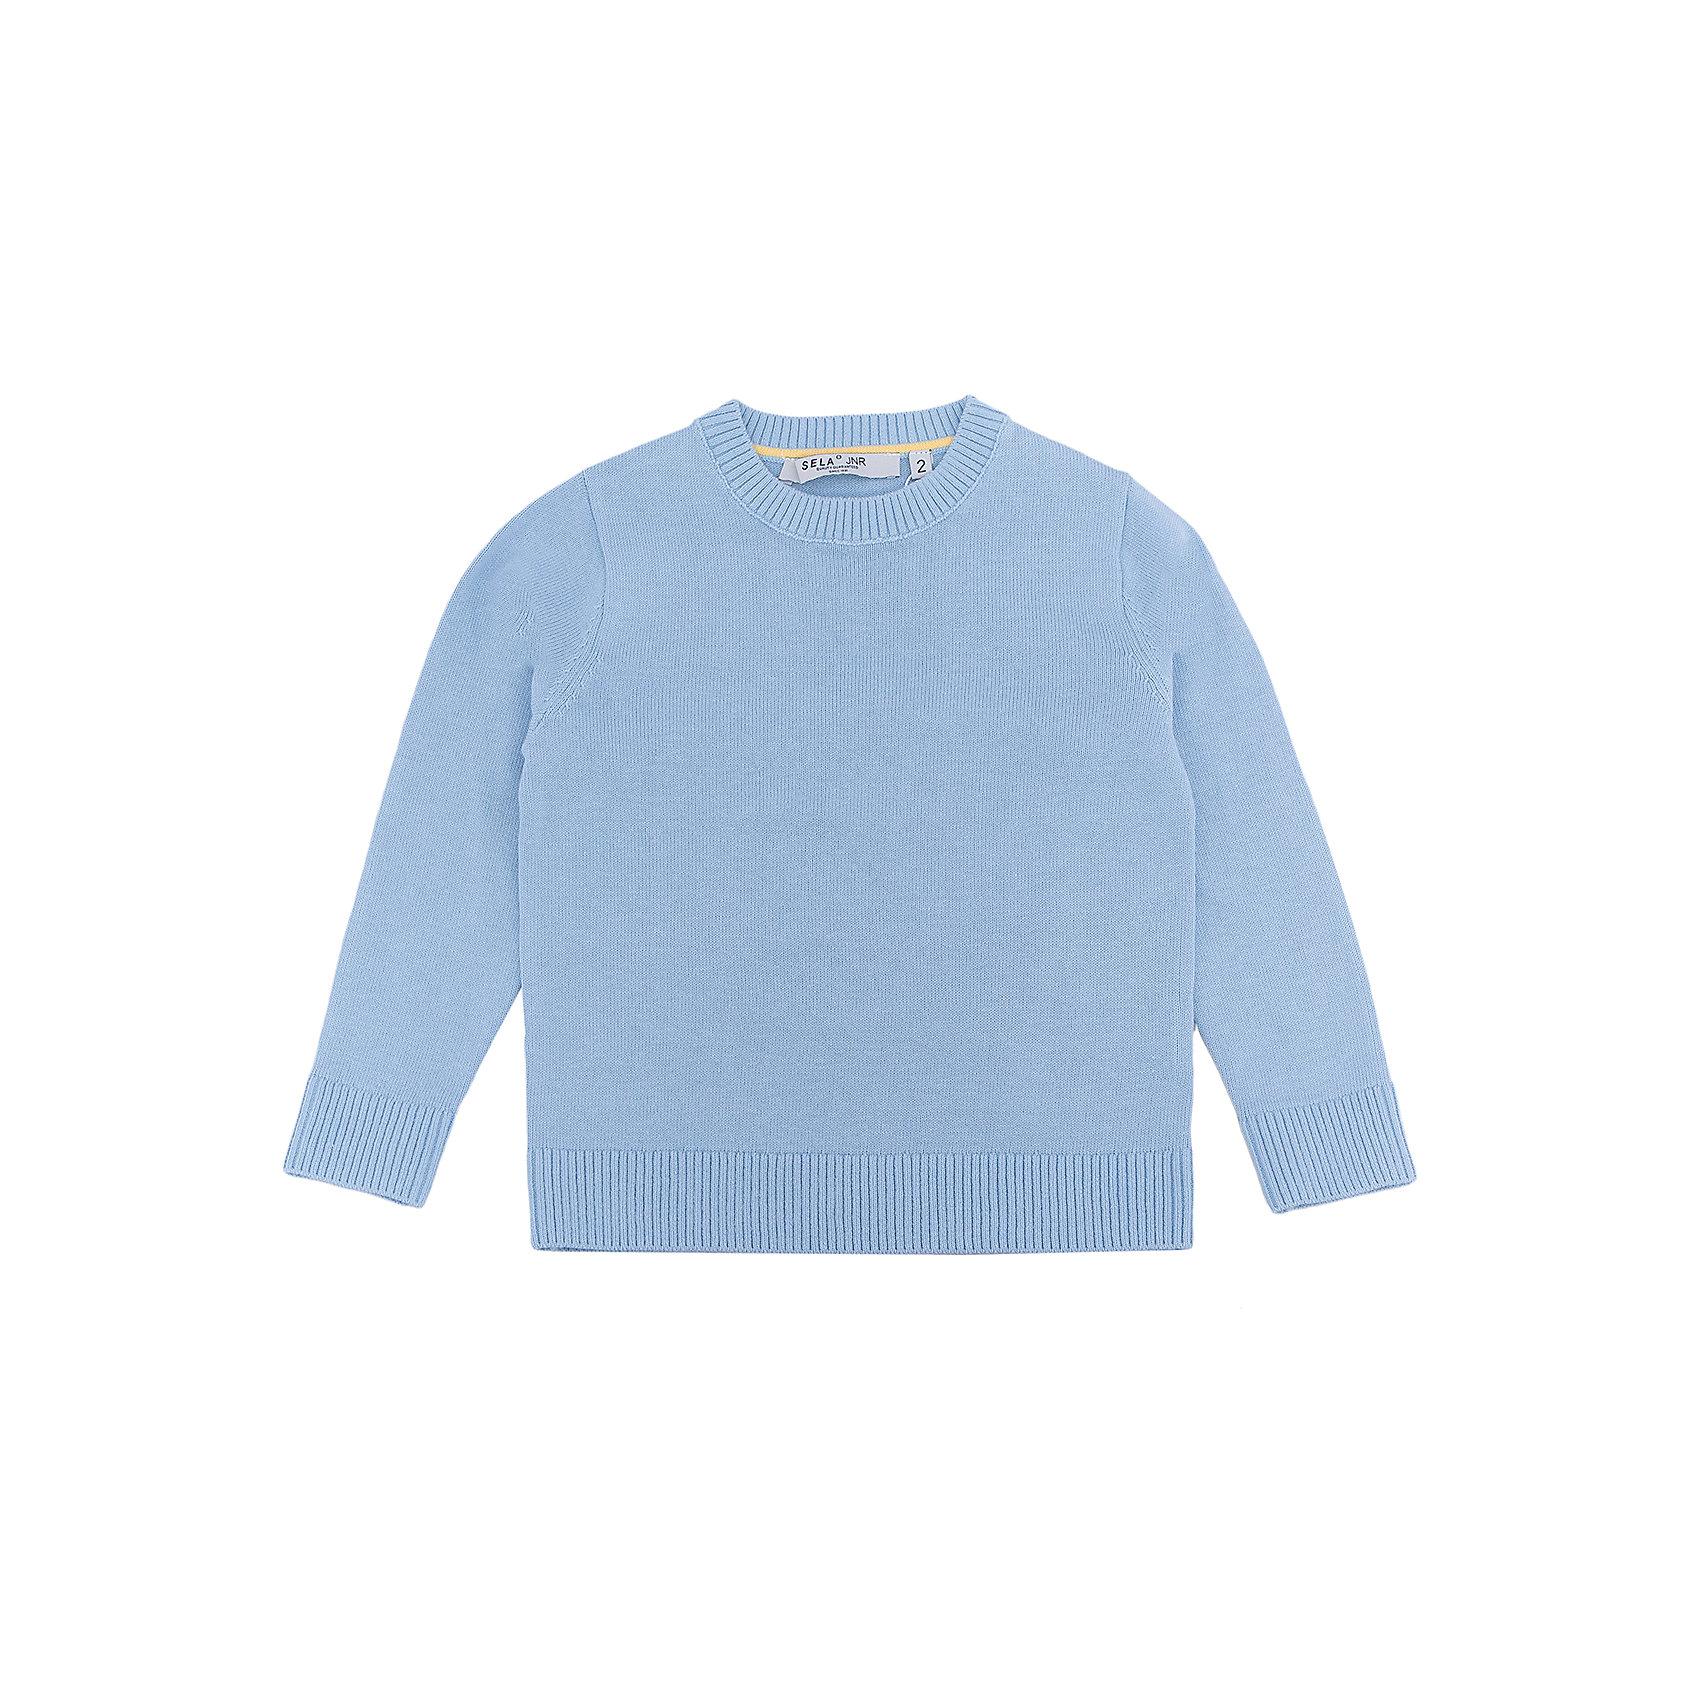 Джемпер для мальчика SELAСвитера и кардиганы<br>Характеристики:<br><br>• Вид детской и подростковой одежды: джемпер<br>• Пол: для мальчика<br>• Предназначение: повседневная (для школы)<br>• Сезон: демисезонный<br>• Тематика рисунка: без рисунка<br>• Цвет: голубой<br>• Материал: хлопок, 100%<br>• Силуэт: классический<br>• Рукав: втачной<br>• Воротник: округлый<br>• Особенности ухода: ручная стирка при температуре не более 30 градусов, глажение на щадящем режиме<br><br>Джемпер для мальчика SELA из коллекции детской и подростковой одежды от знаменитого торгового бренда, который производит удобную, комфортную и стильную одежду, предназначенную как для будней, так и для праздников. Джемпер выполнен из 100% хлопка, который обеспечивает изделию гипоаллергенные свойства, устойчивость к деформации и образованию катышков. Изделие выполнено в классическом стиле: прямой силуэт, длинный втачной рукав с манжетами из эластичной резинки и округлый воротничок. Джемпер выполнен в традиционном цвете для мальчиков. Изделие может быть в качестве базовой вещи в гардеробе для мальчика, прекрасно будет сочетаться как с брюками, так и с джинсами.<br><br>Джемпер для мальчика SELA можно купить в нашем интернет-магазине.<br>Состав:<br>100% хлопок<br><br>Ширина мм: 190<br>Глубина мм: 74<br>Высота мм: 229<br>Вес г: 236<br>Цвет: голубой<br>Возраст от месяцев: 60<br>Возраст до месяцев: 72<br>Пол: Мужской<br>Возраст: Детский<br>Размер: 116,92,98,104,110<br>SKU: 5305661